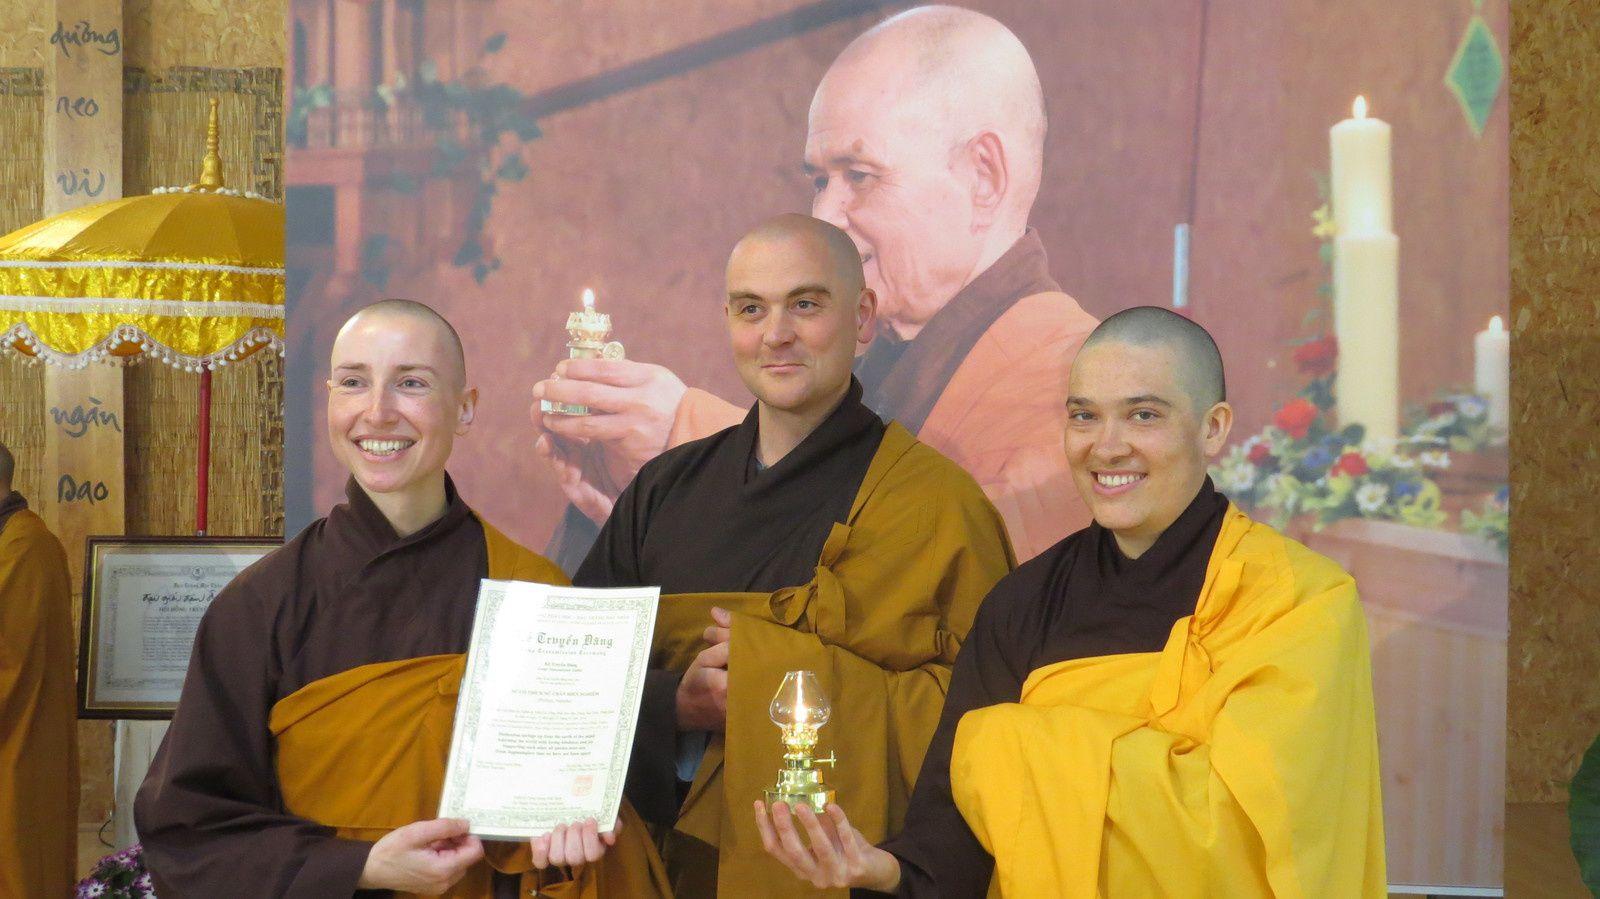 Les 3 nouveaux Enseignants du Dharma francophones: Sr Hien Nghiem, Fr Phap Linh, Sr Hai Nghiem